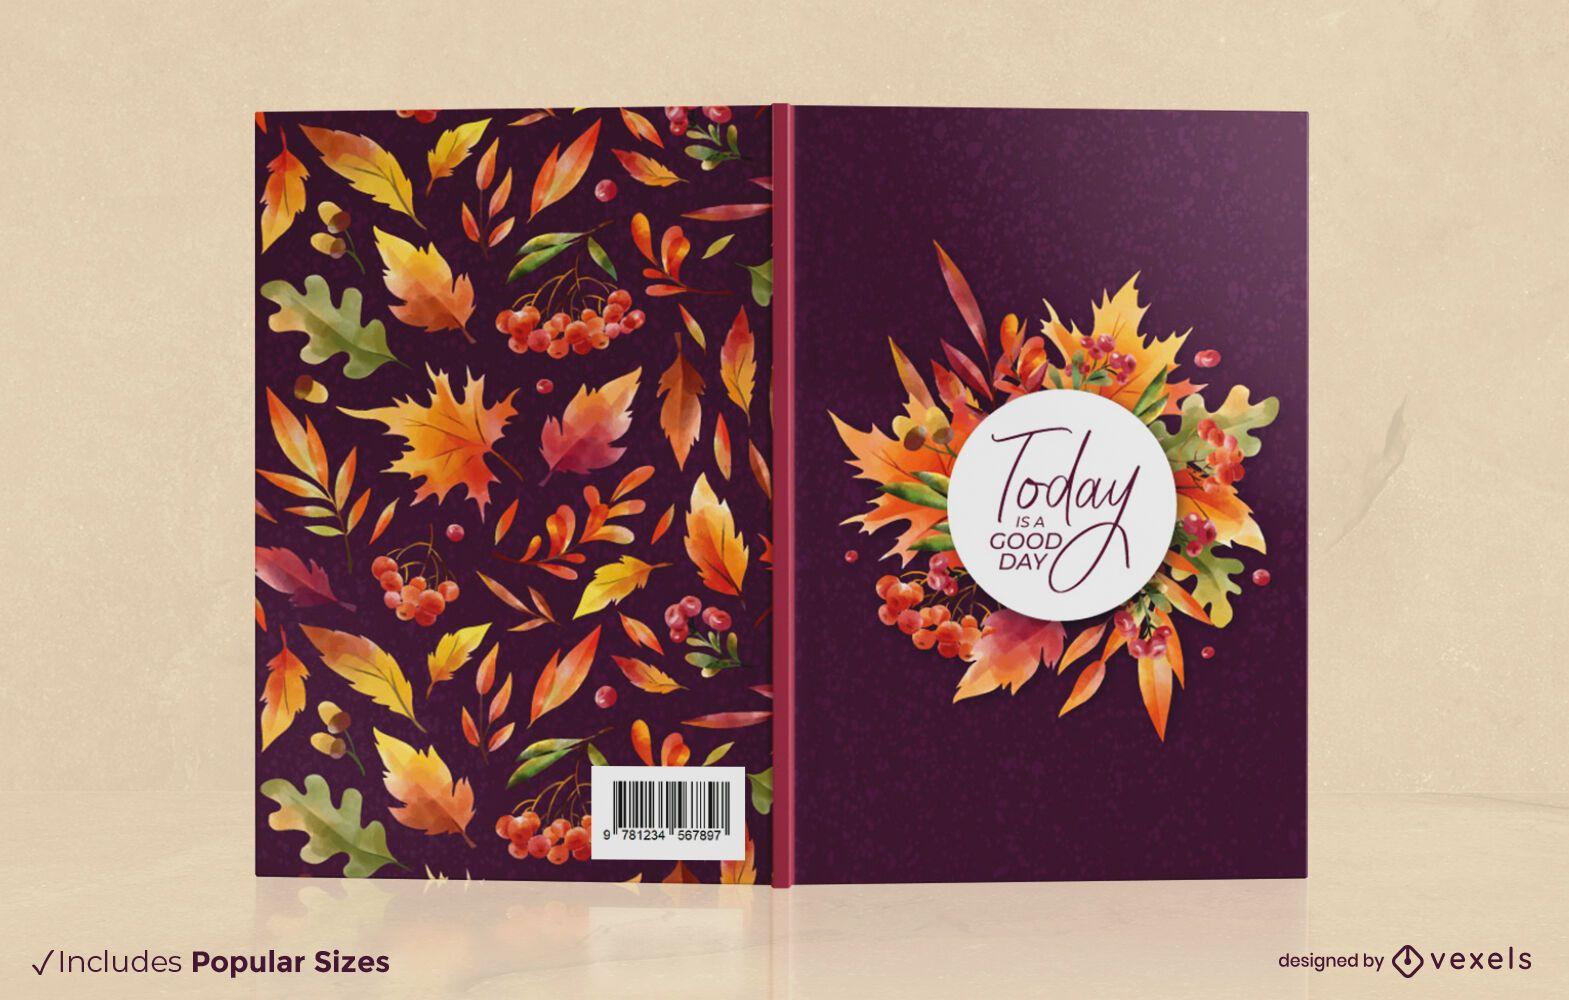 La temporada de otoño deja el diseño de la portada del libro.